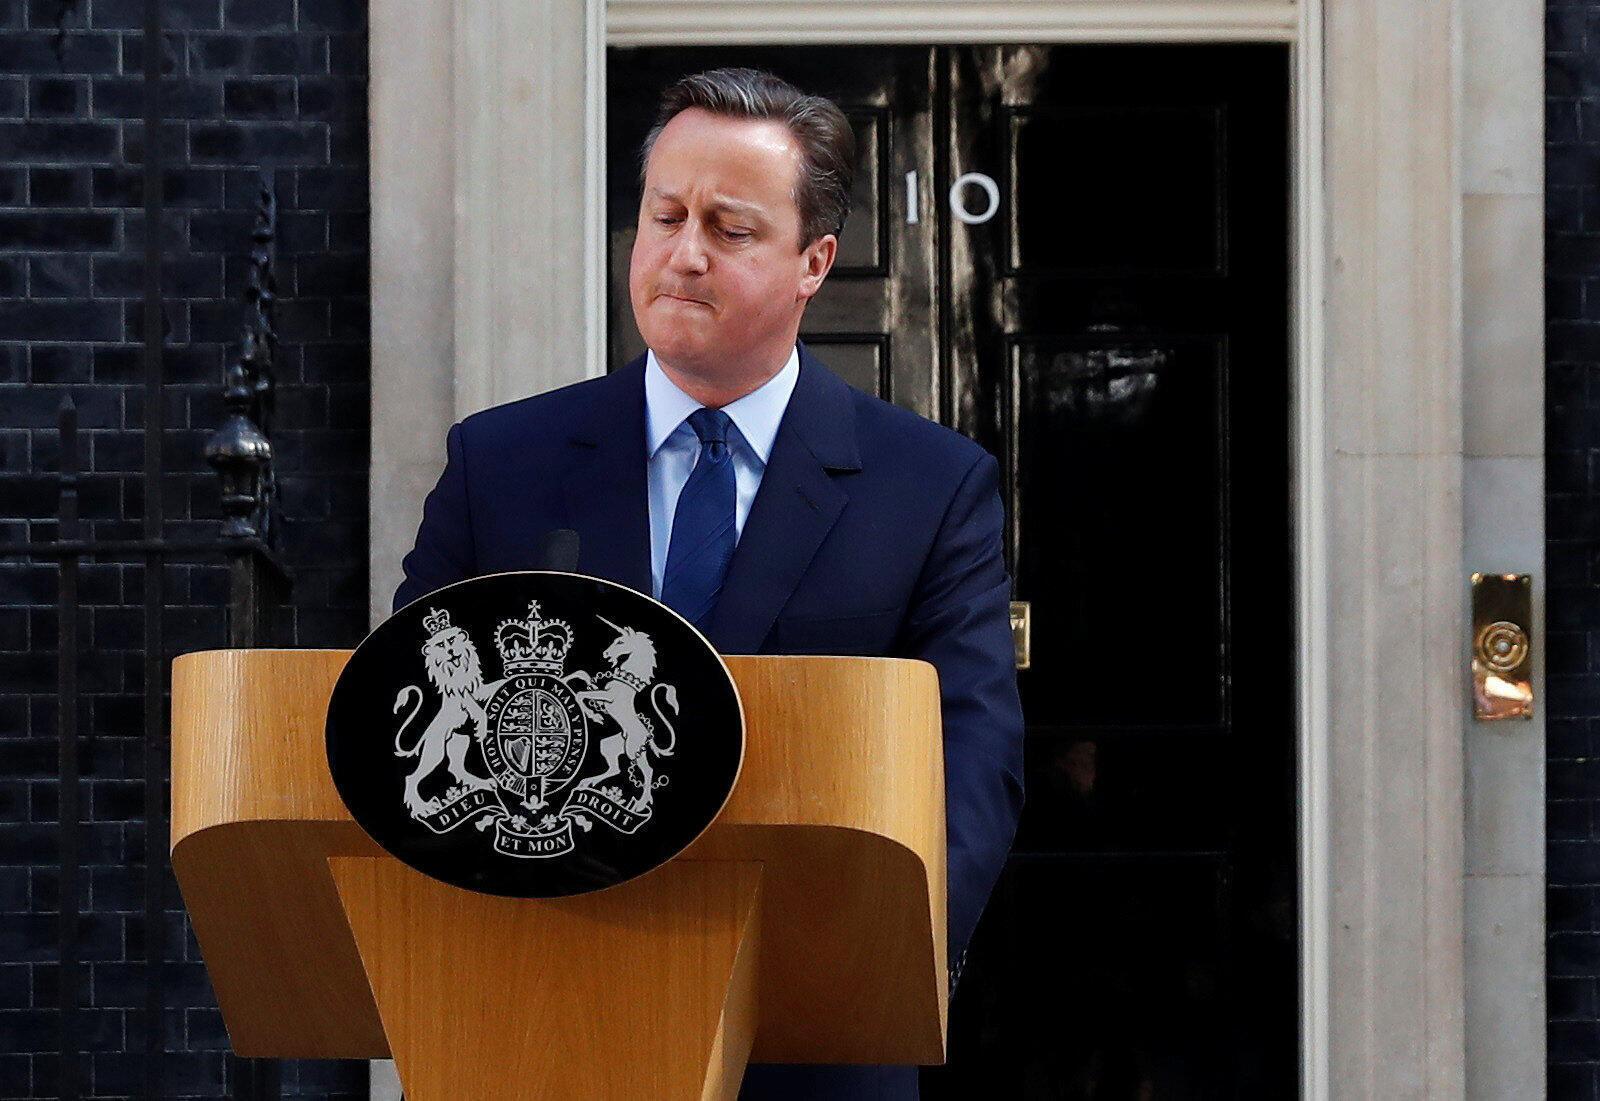 Après la victoire du Brexit, le Premier ministre David Cameron annonce sa démission, le 24 juin 2016, au 10 Downing Street, à Londres.